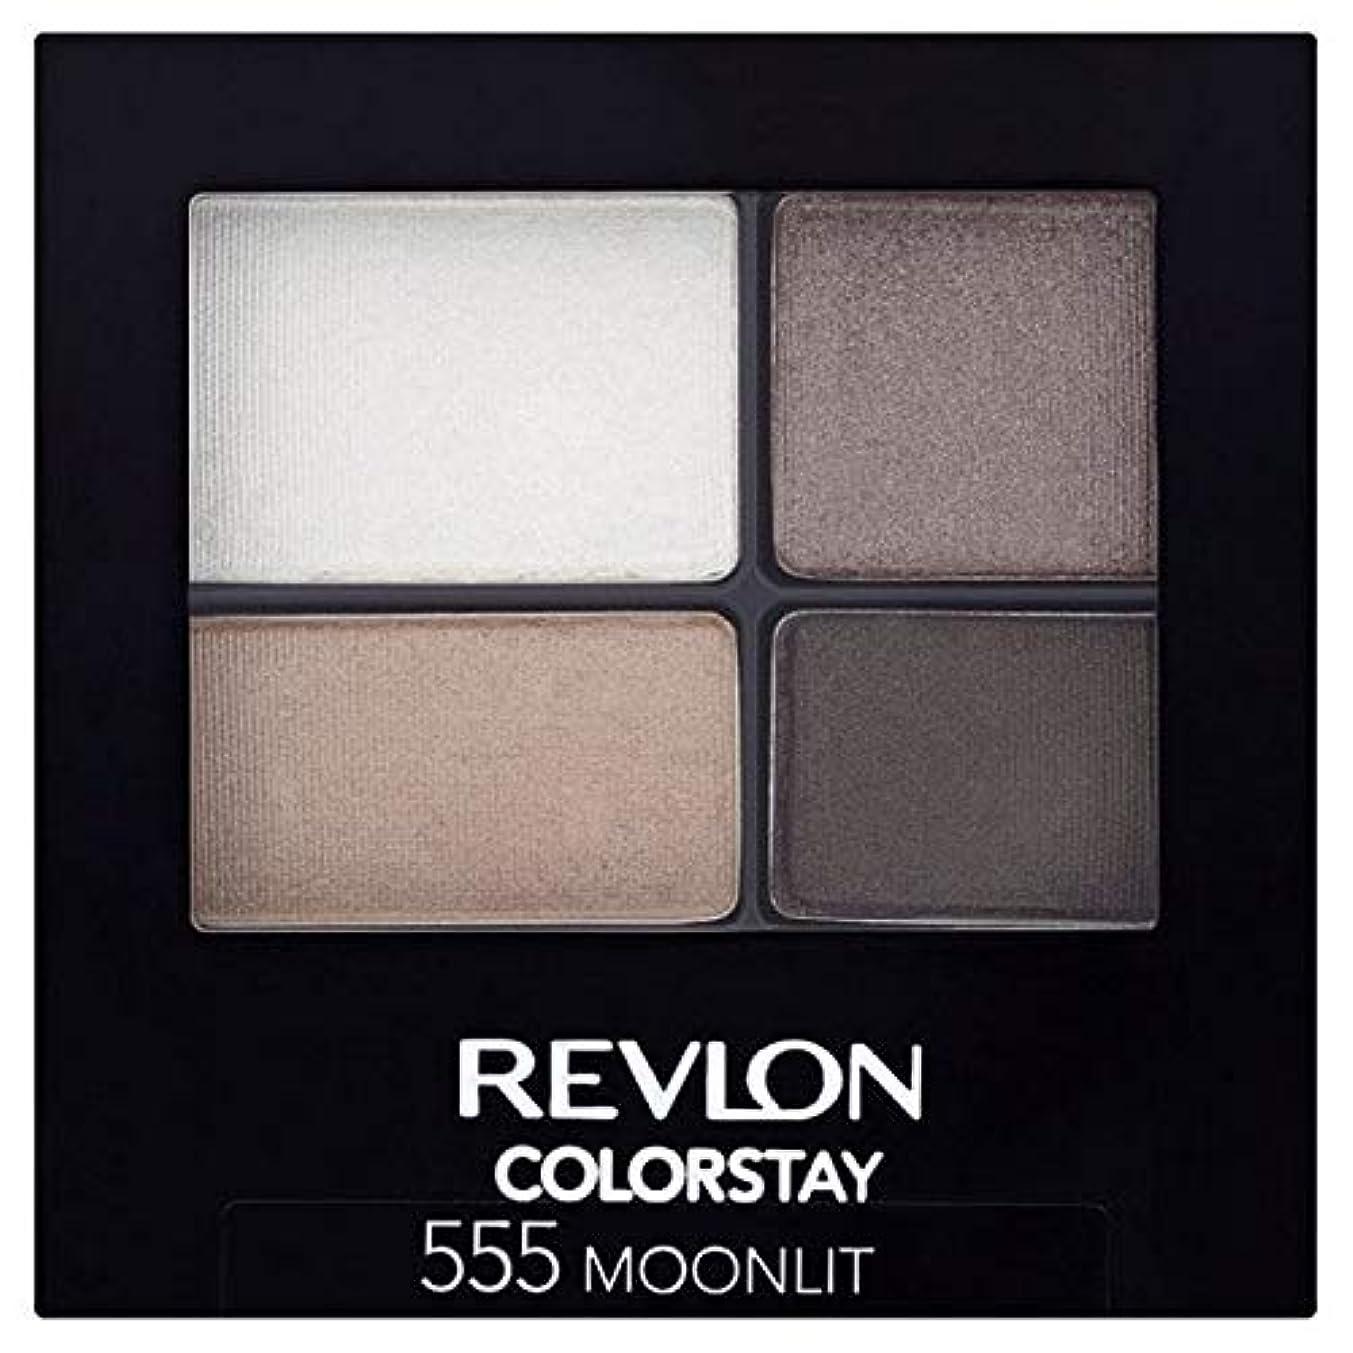 小説家ディプロマ人気の[Revlon ] レブロンColorstay 16時間のアイシャドウは555月光 - Revlon Colorstay 16 Hour Eye Shadow Moonlight 555 [並行輸入品]